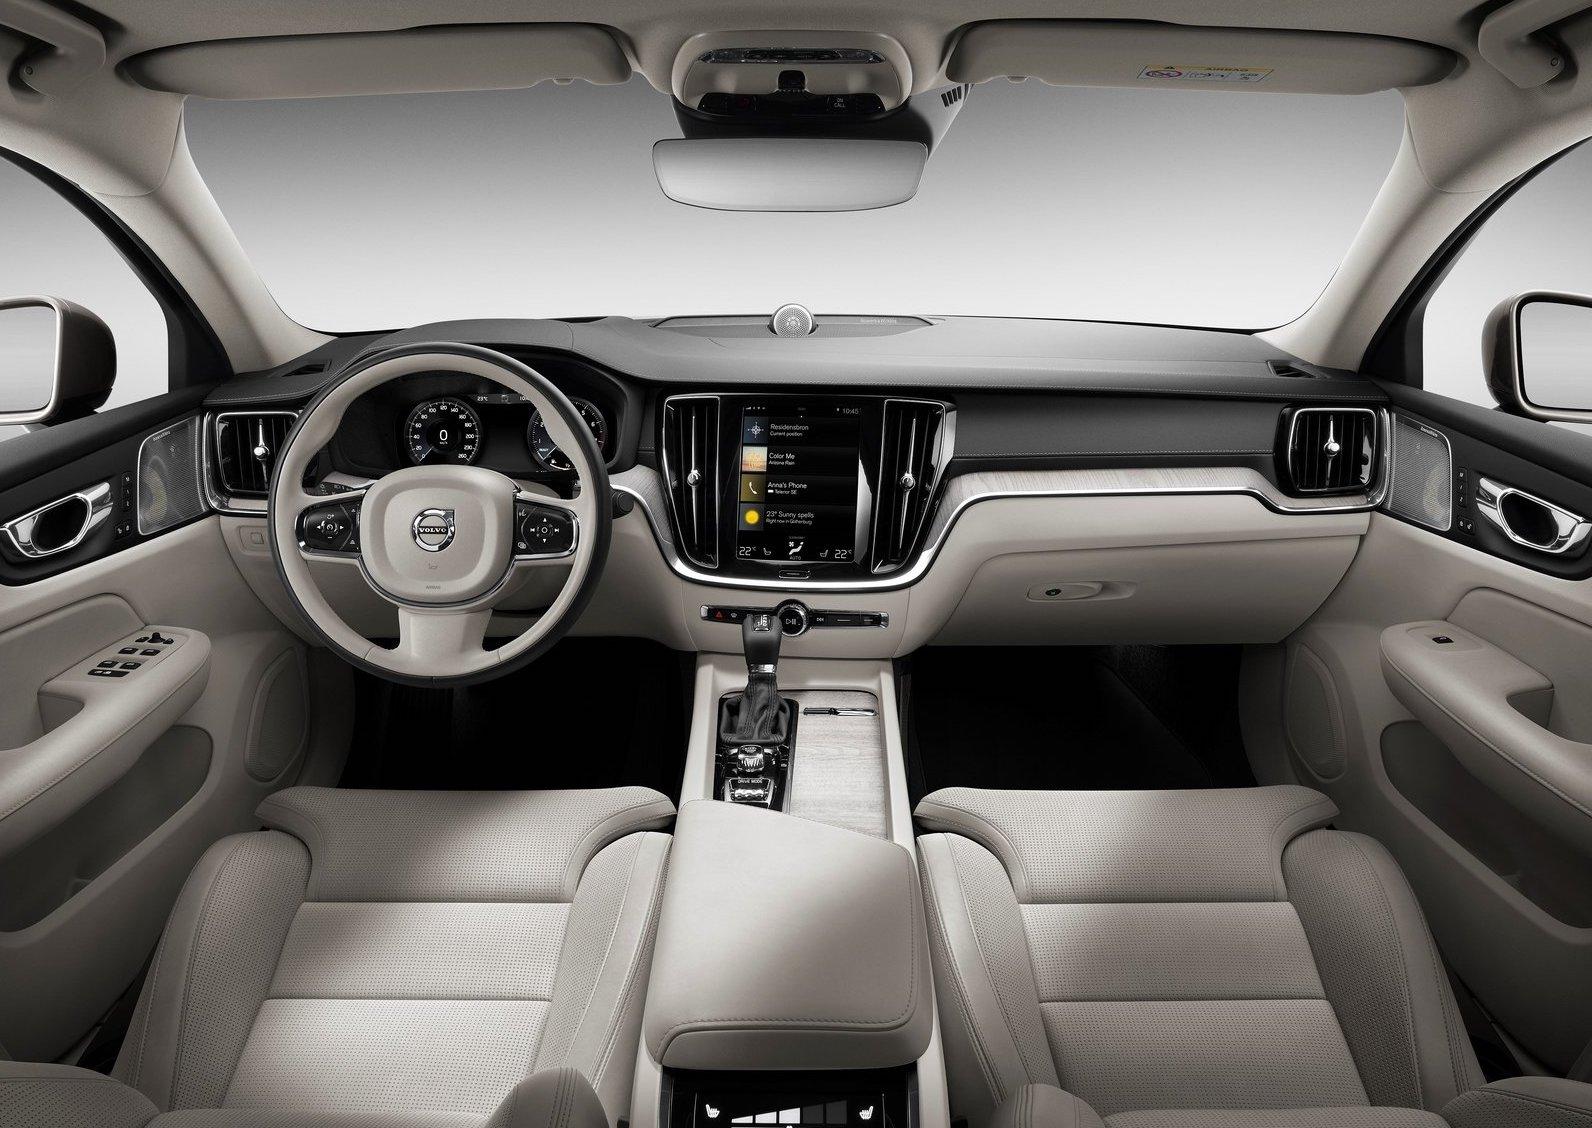 2019 Volvo S60-interior |